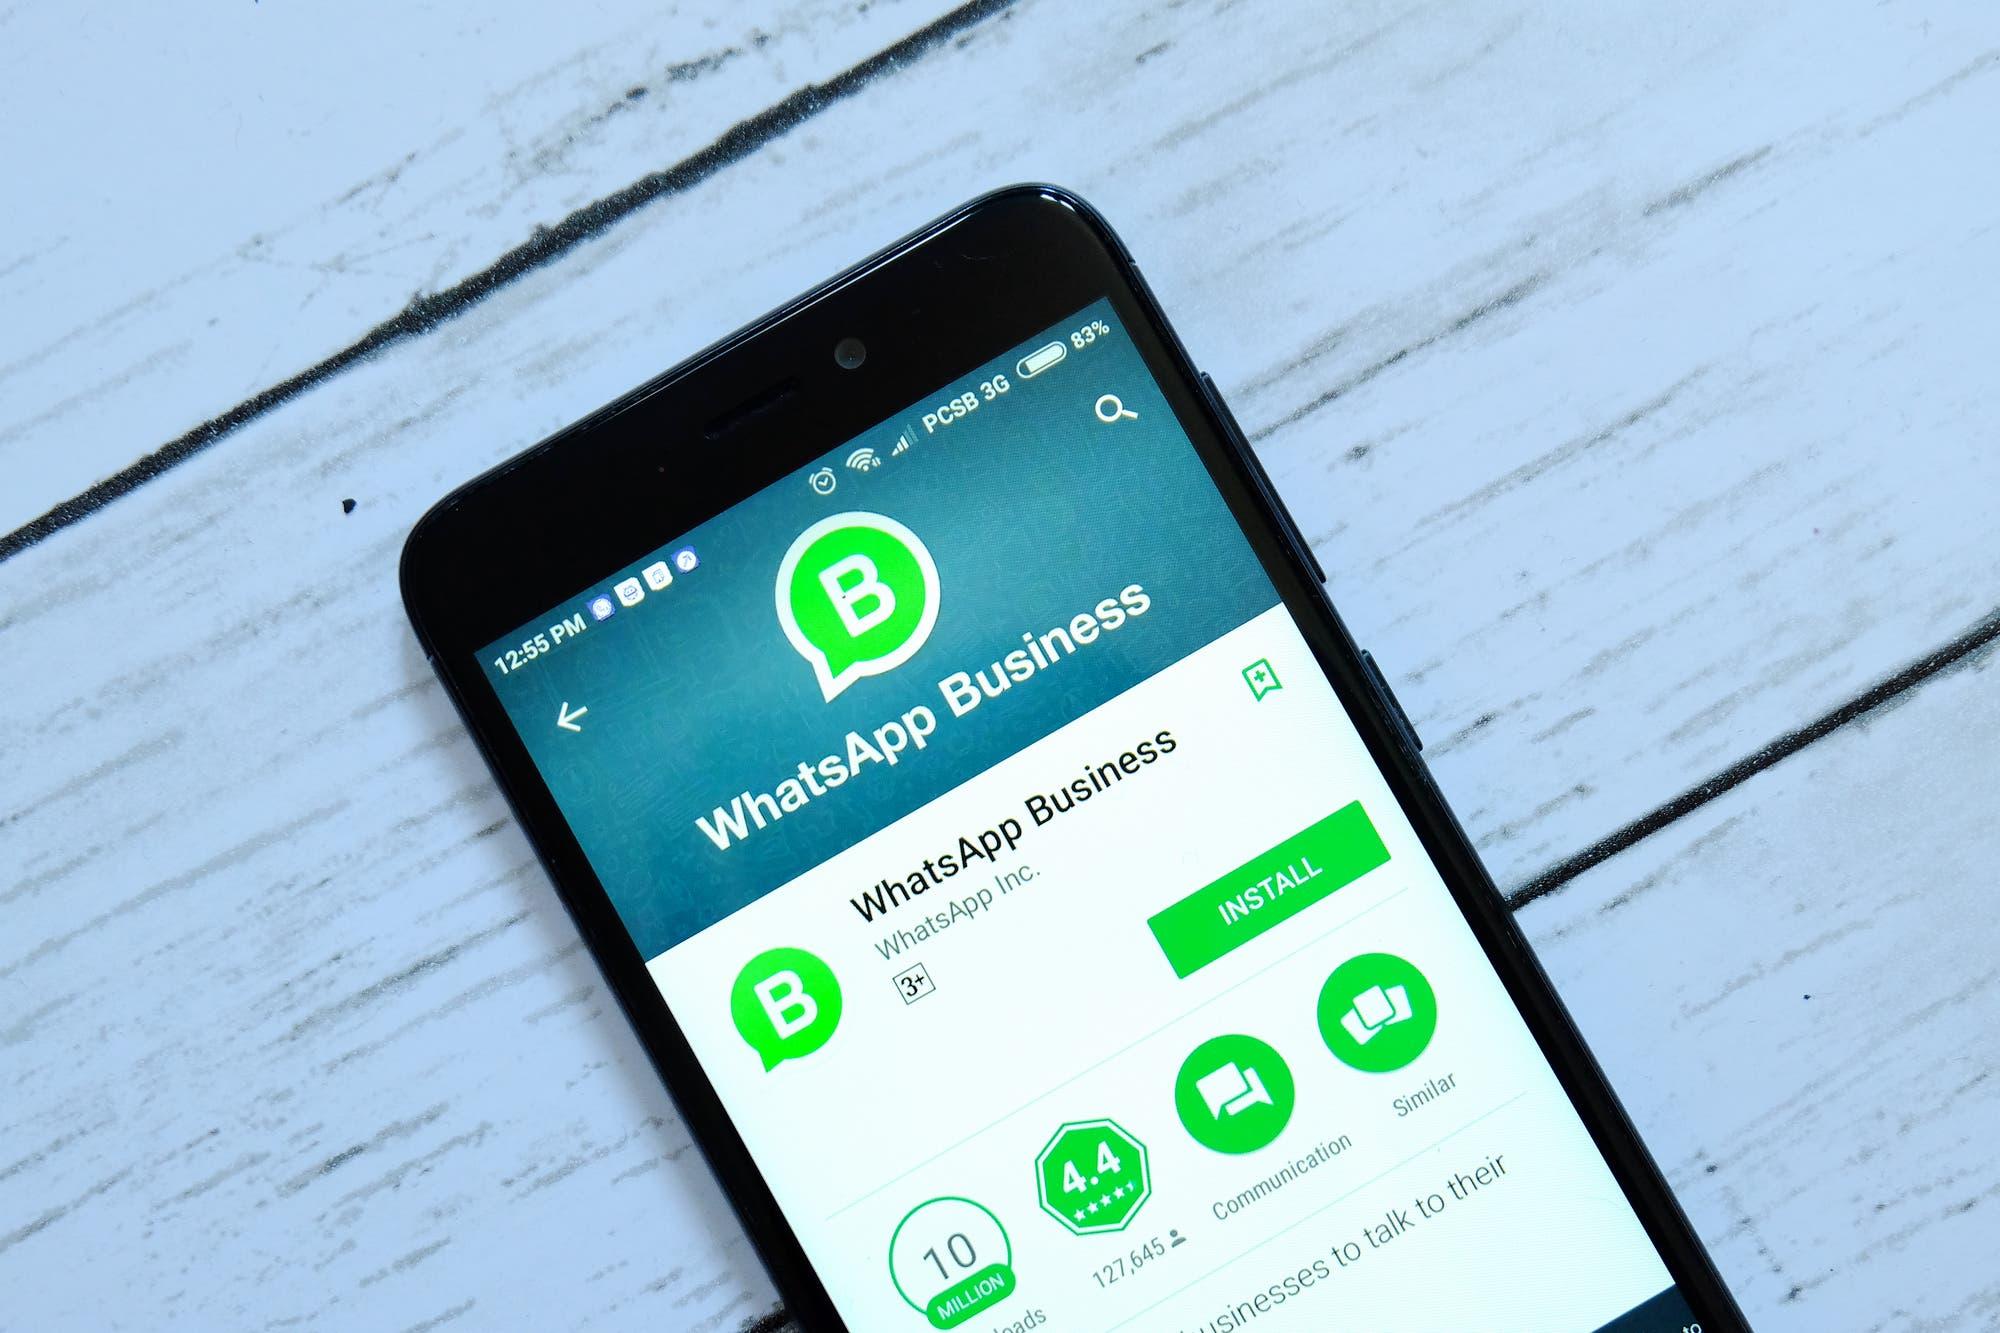 WhatsApp Business: más de 175 millones de personas se comunican de forma diaria con tiendas y empresas por chat